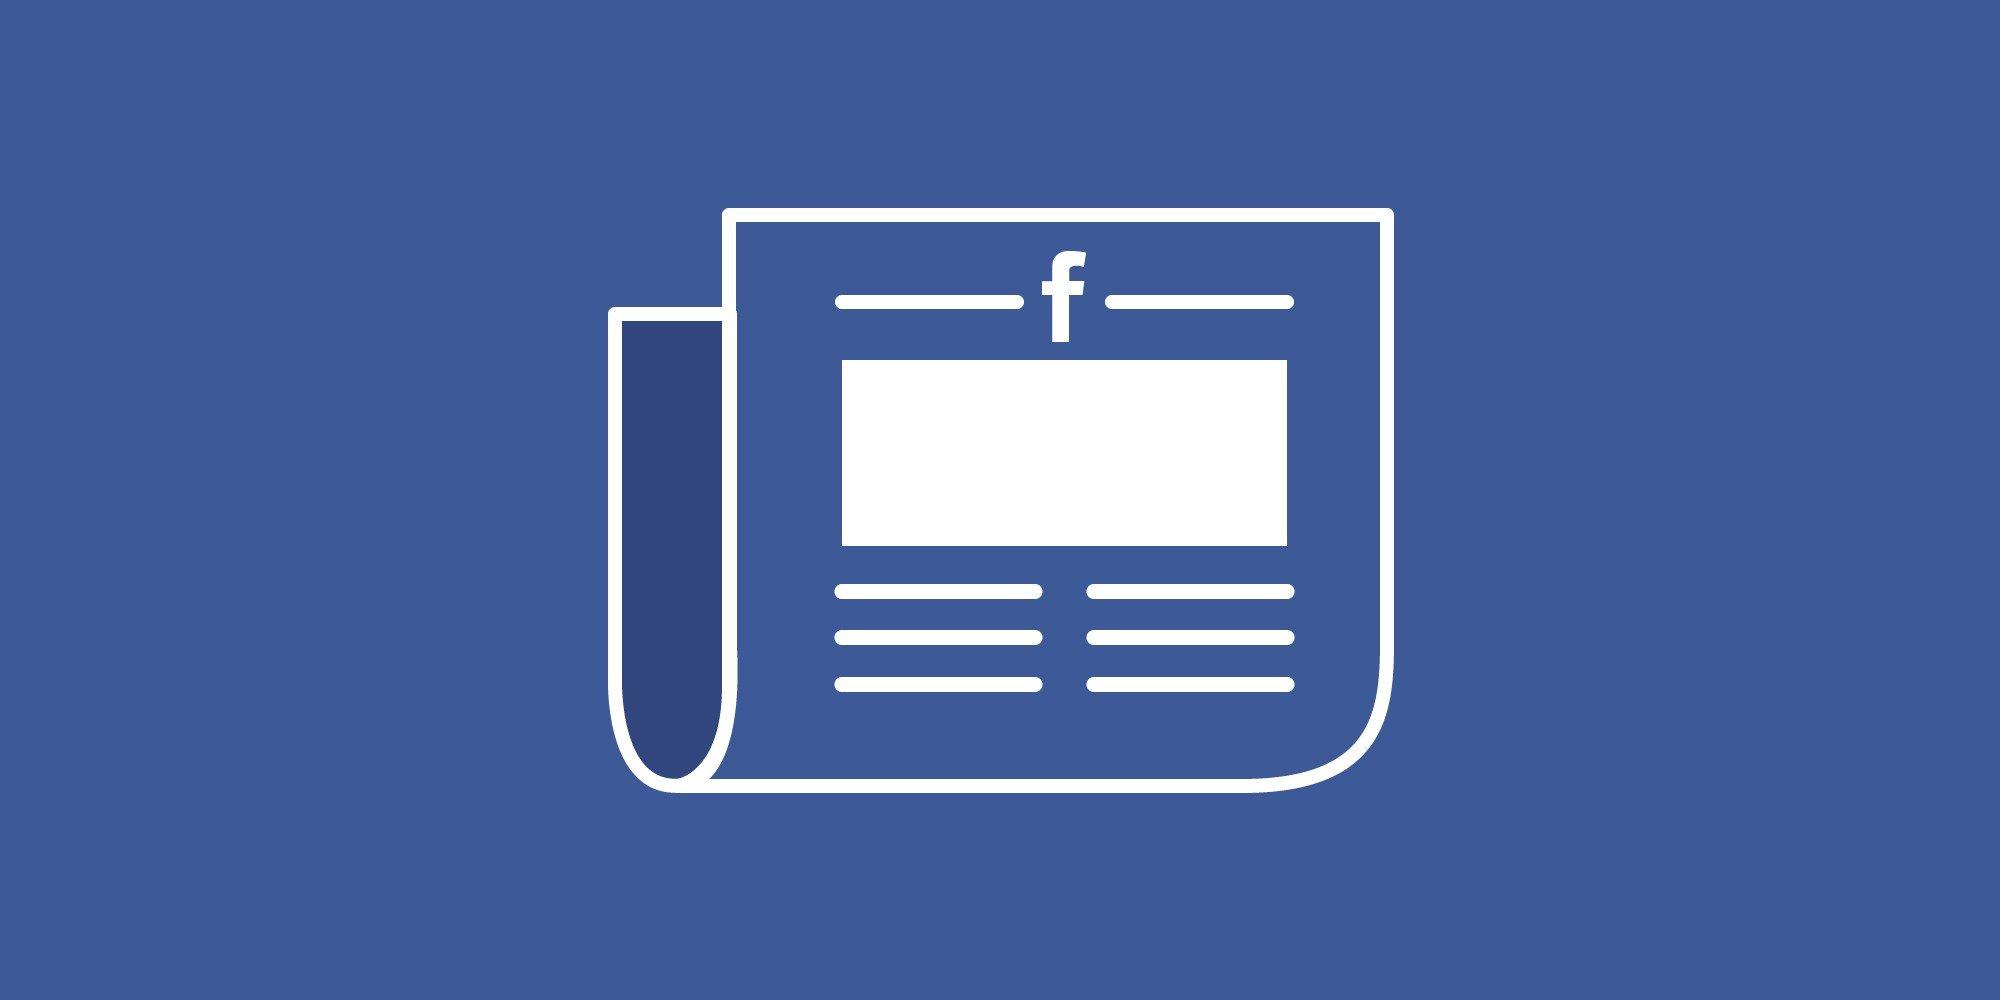 Алгоритмы Facebook: как попадать в ленту новостей